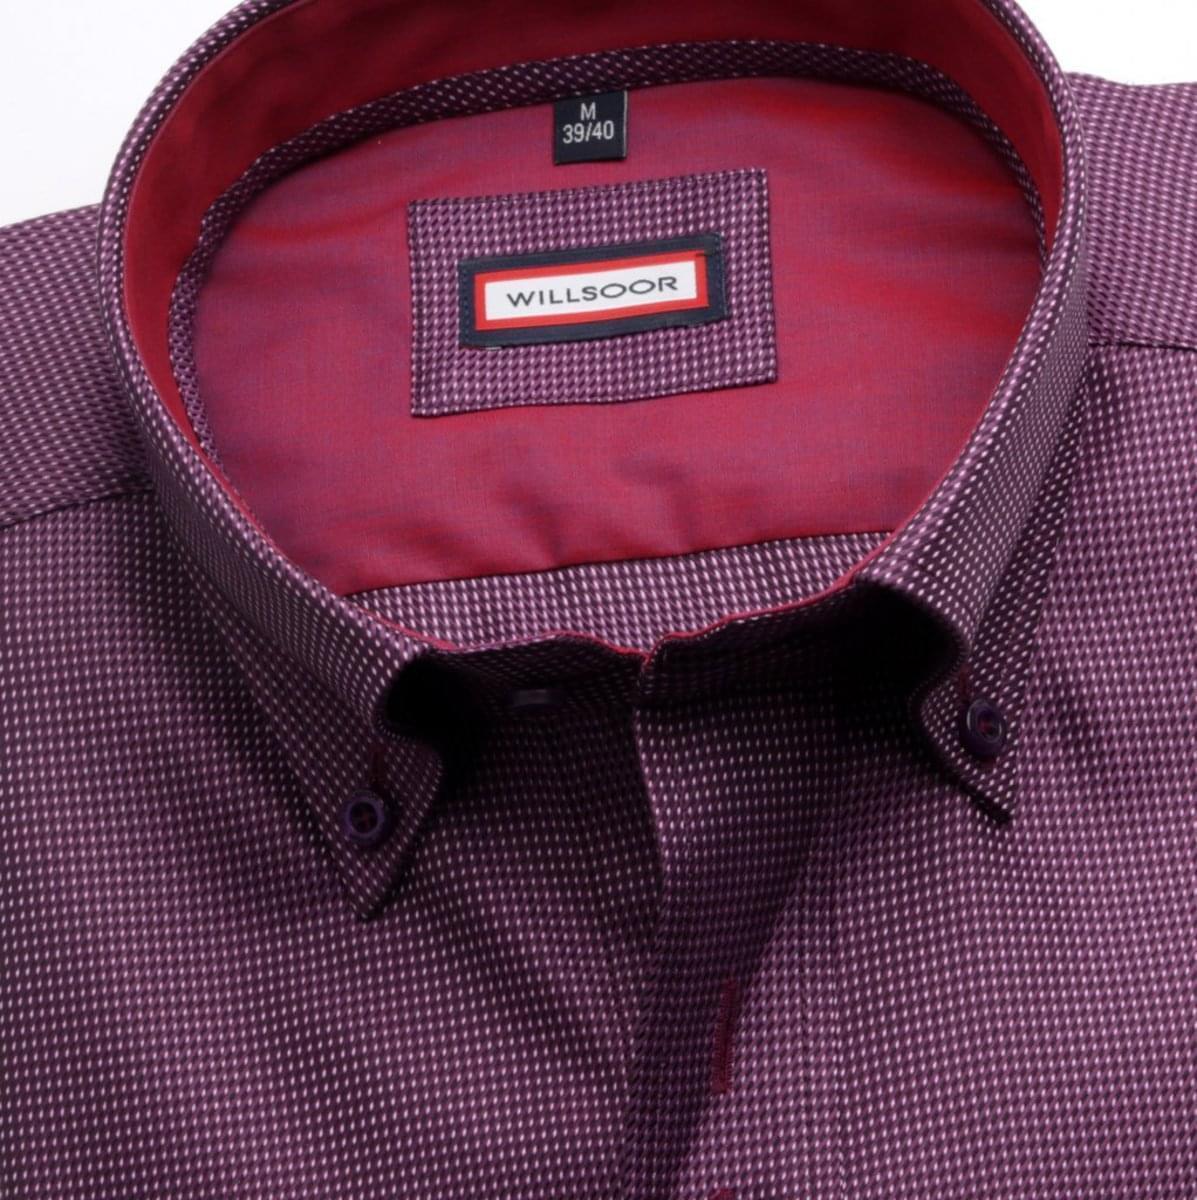 Pánská košile Slim Fit ve fialové barvě s mikro vzorem (výška 176-182) 5440